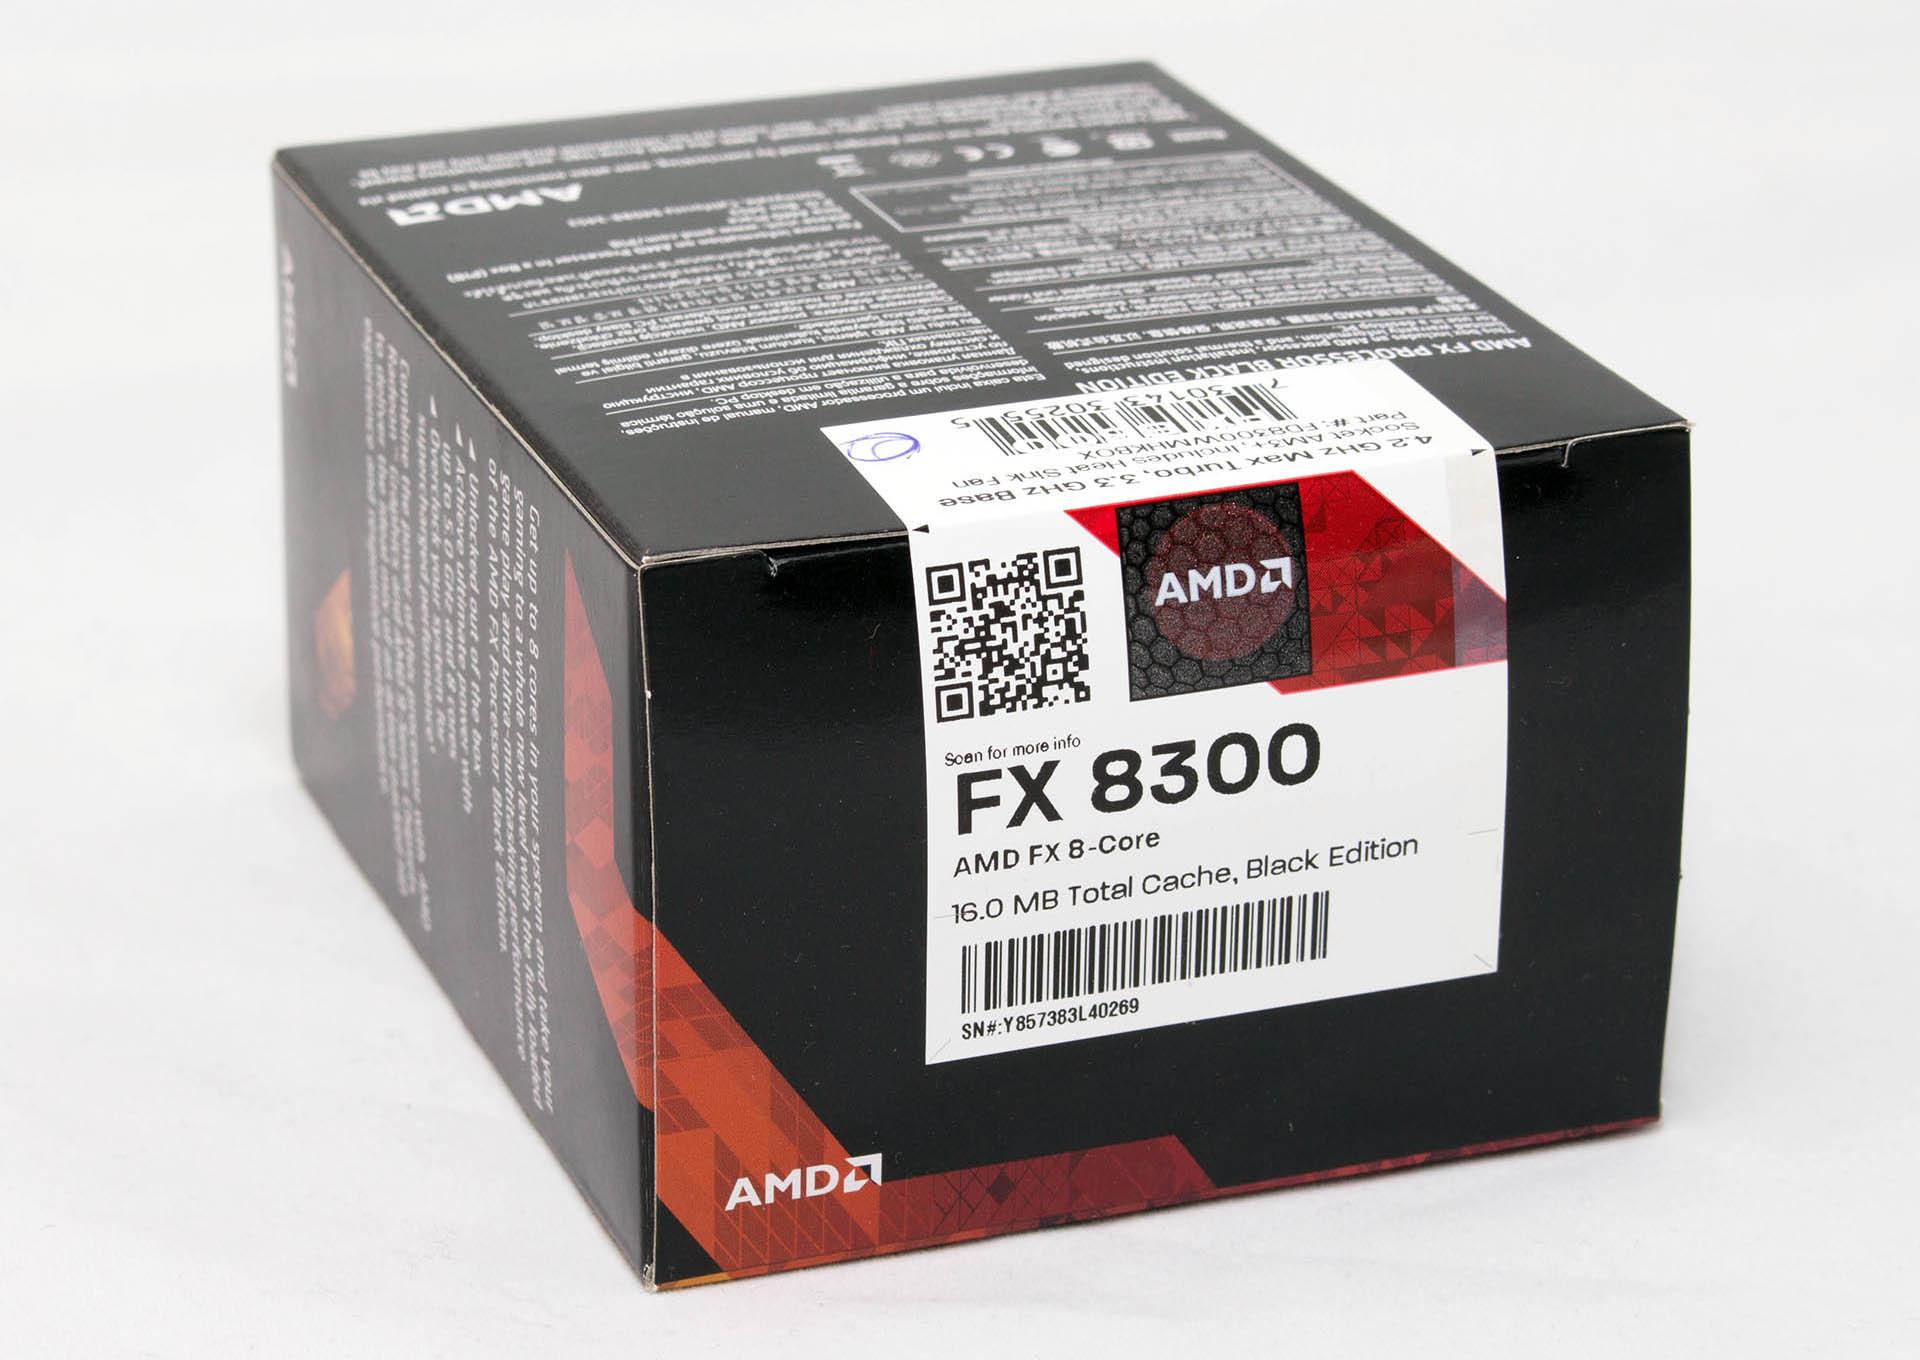 AMD FX-8300 test